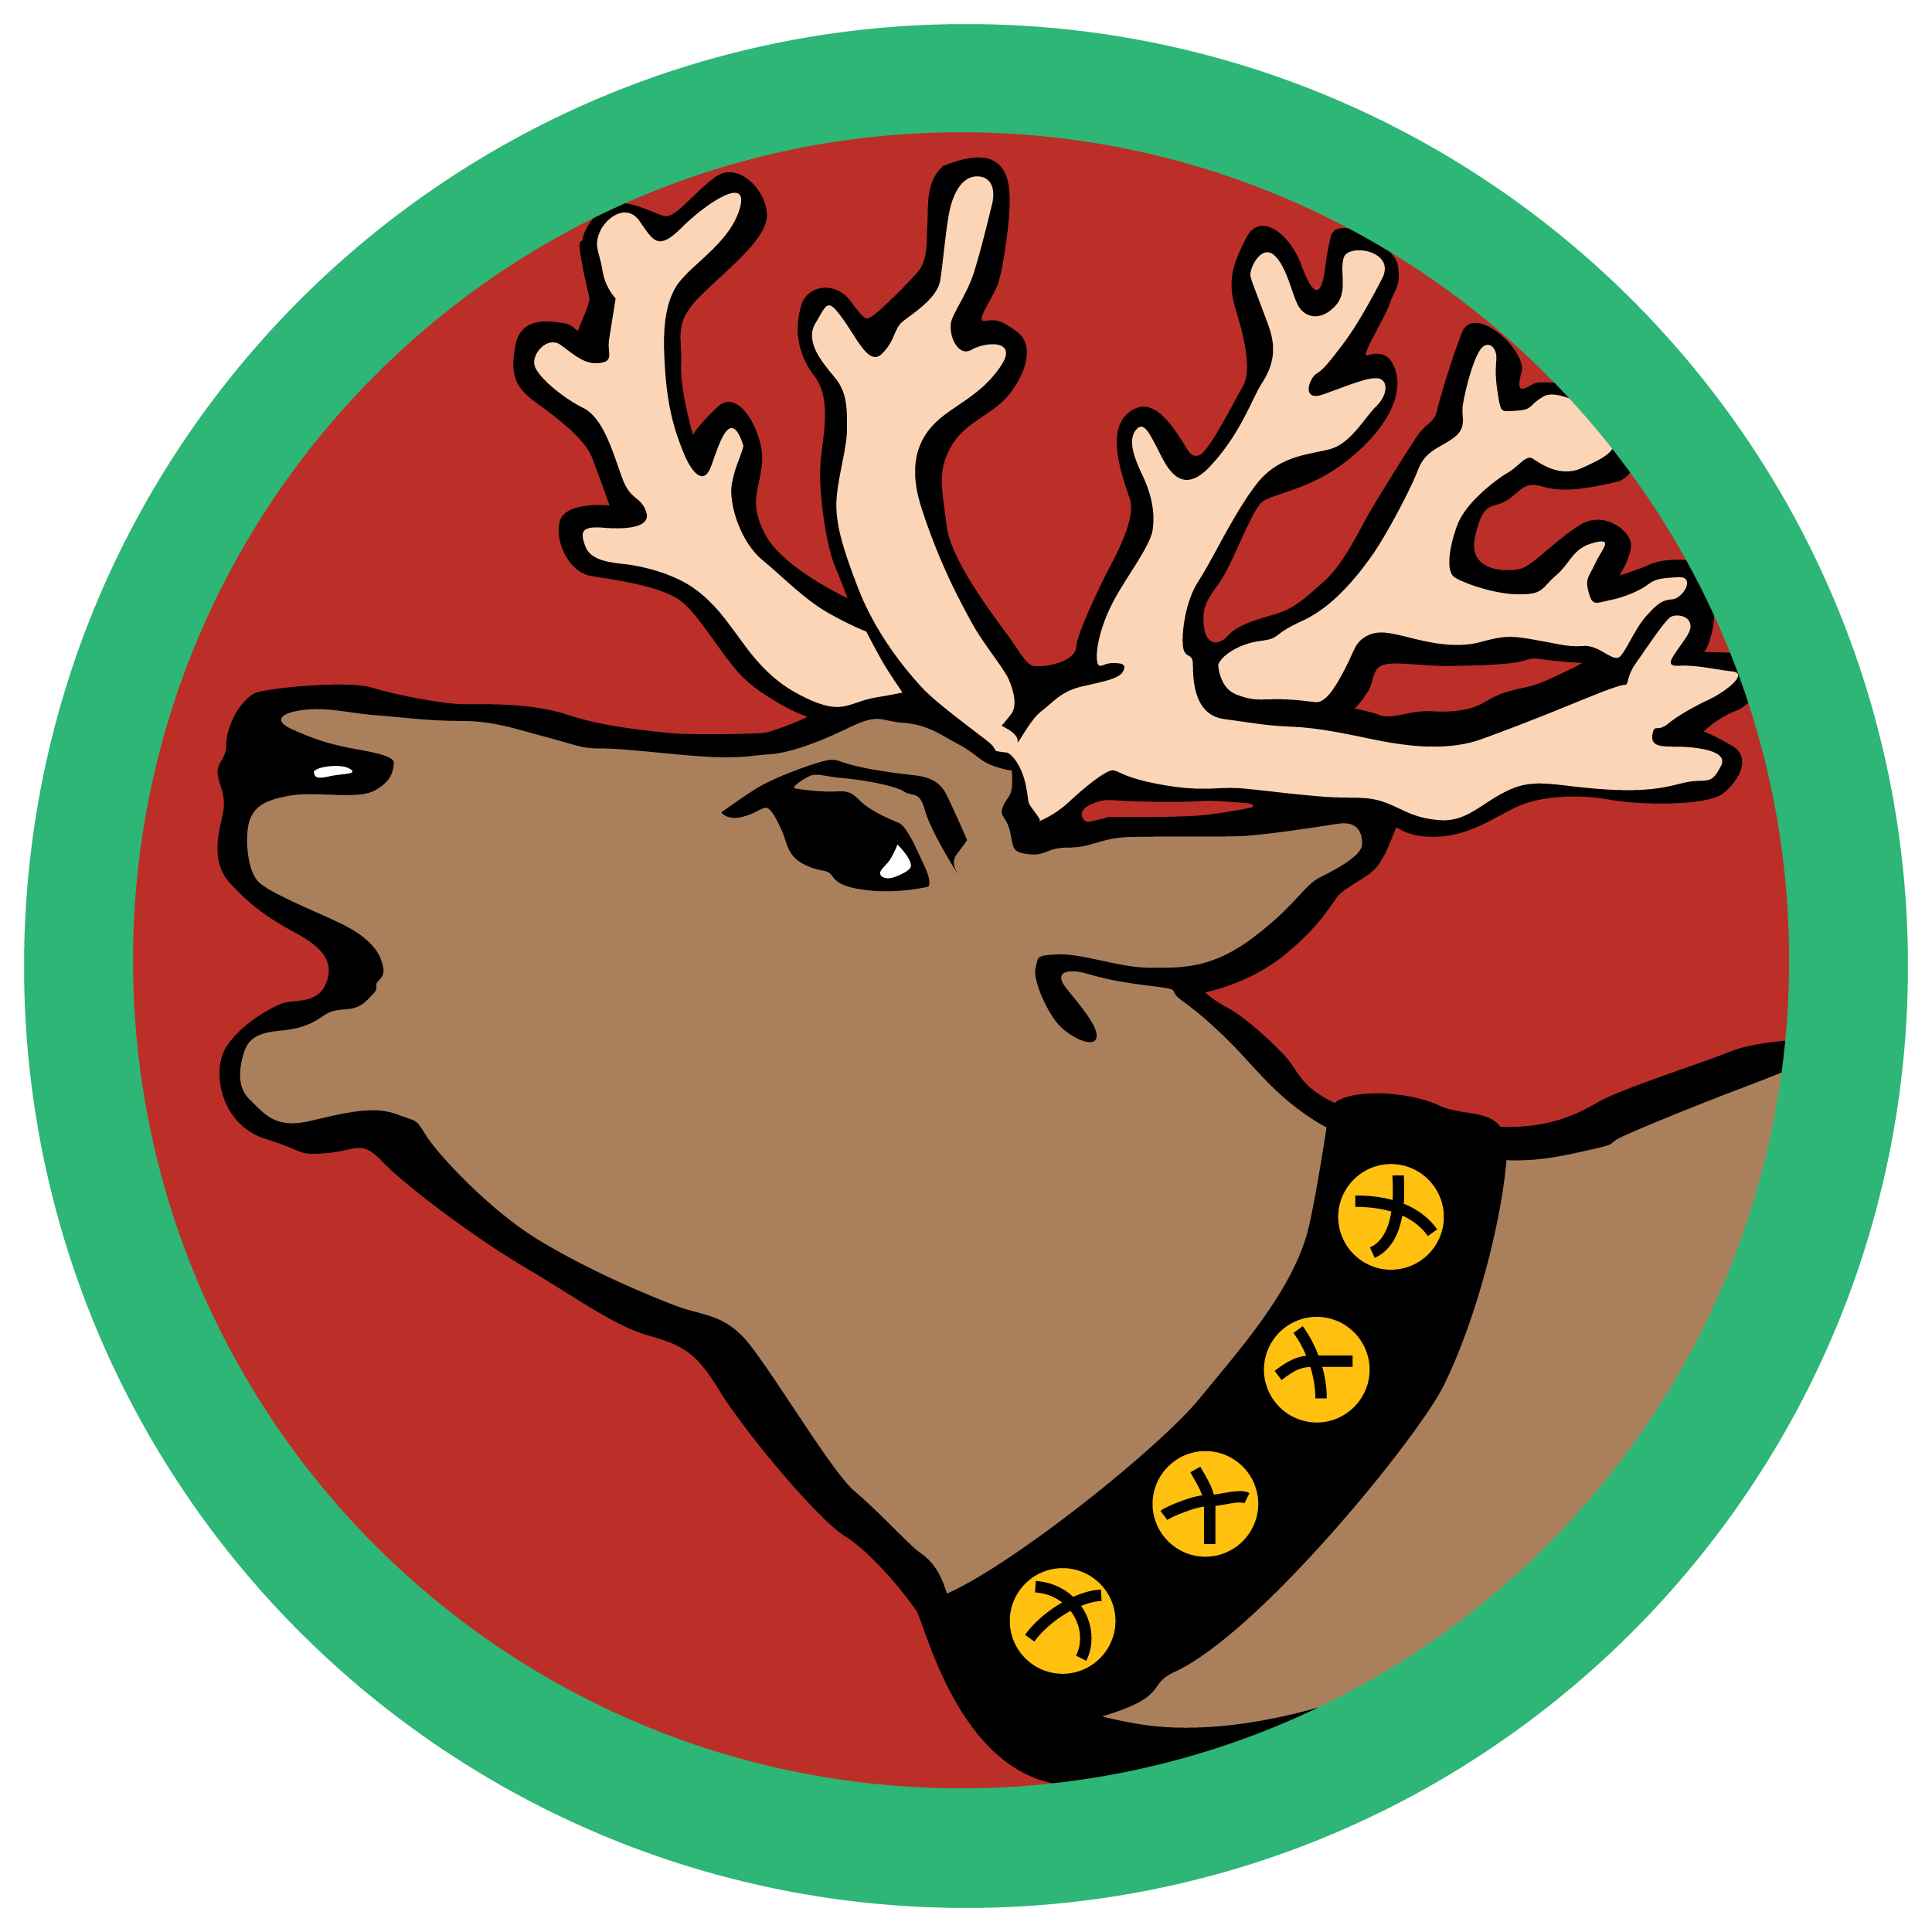 Logo-Only-v2.png